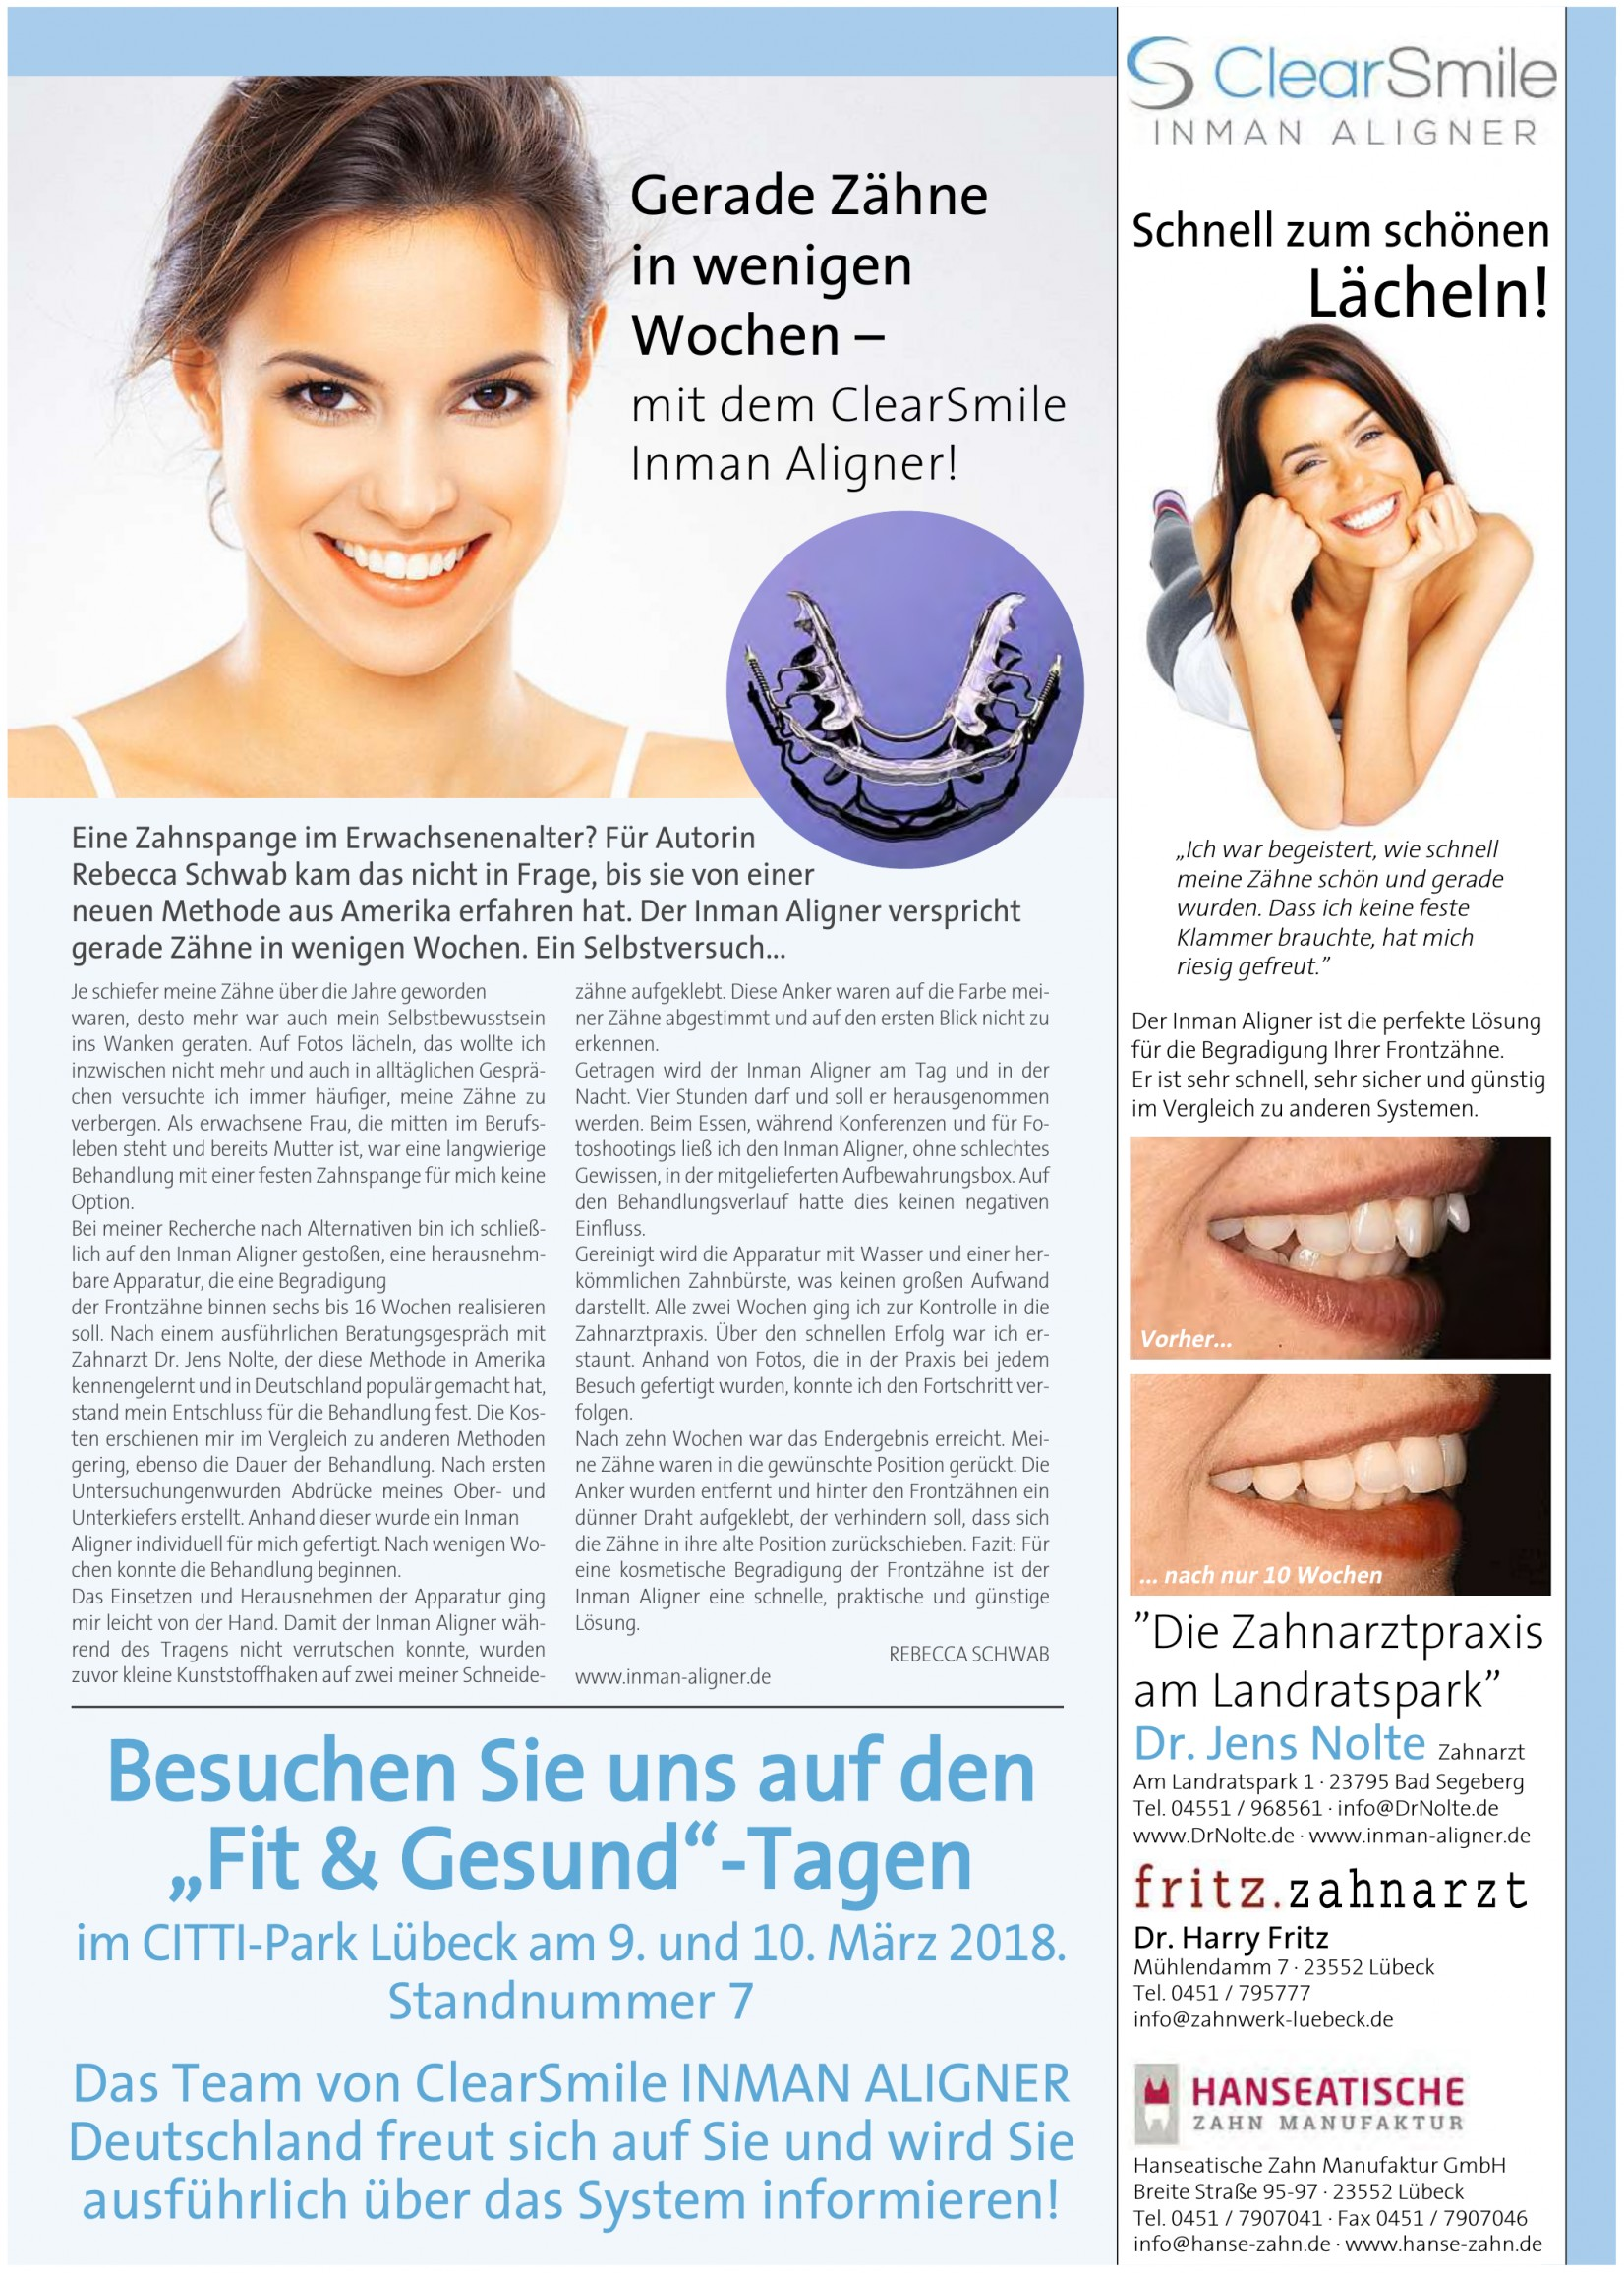 Dr. Jens Nolte Zahnarzt